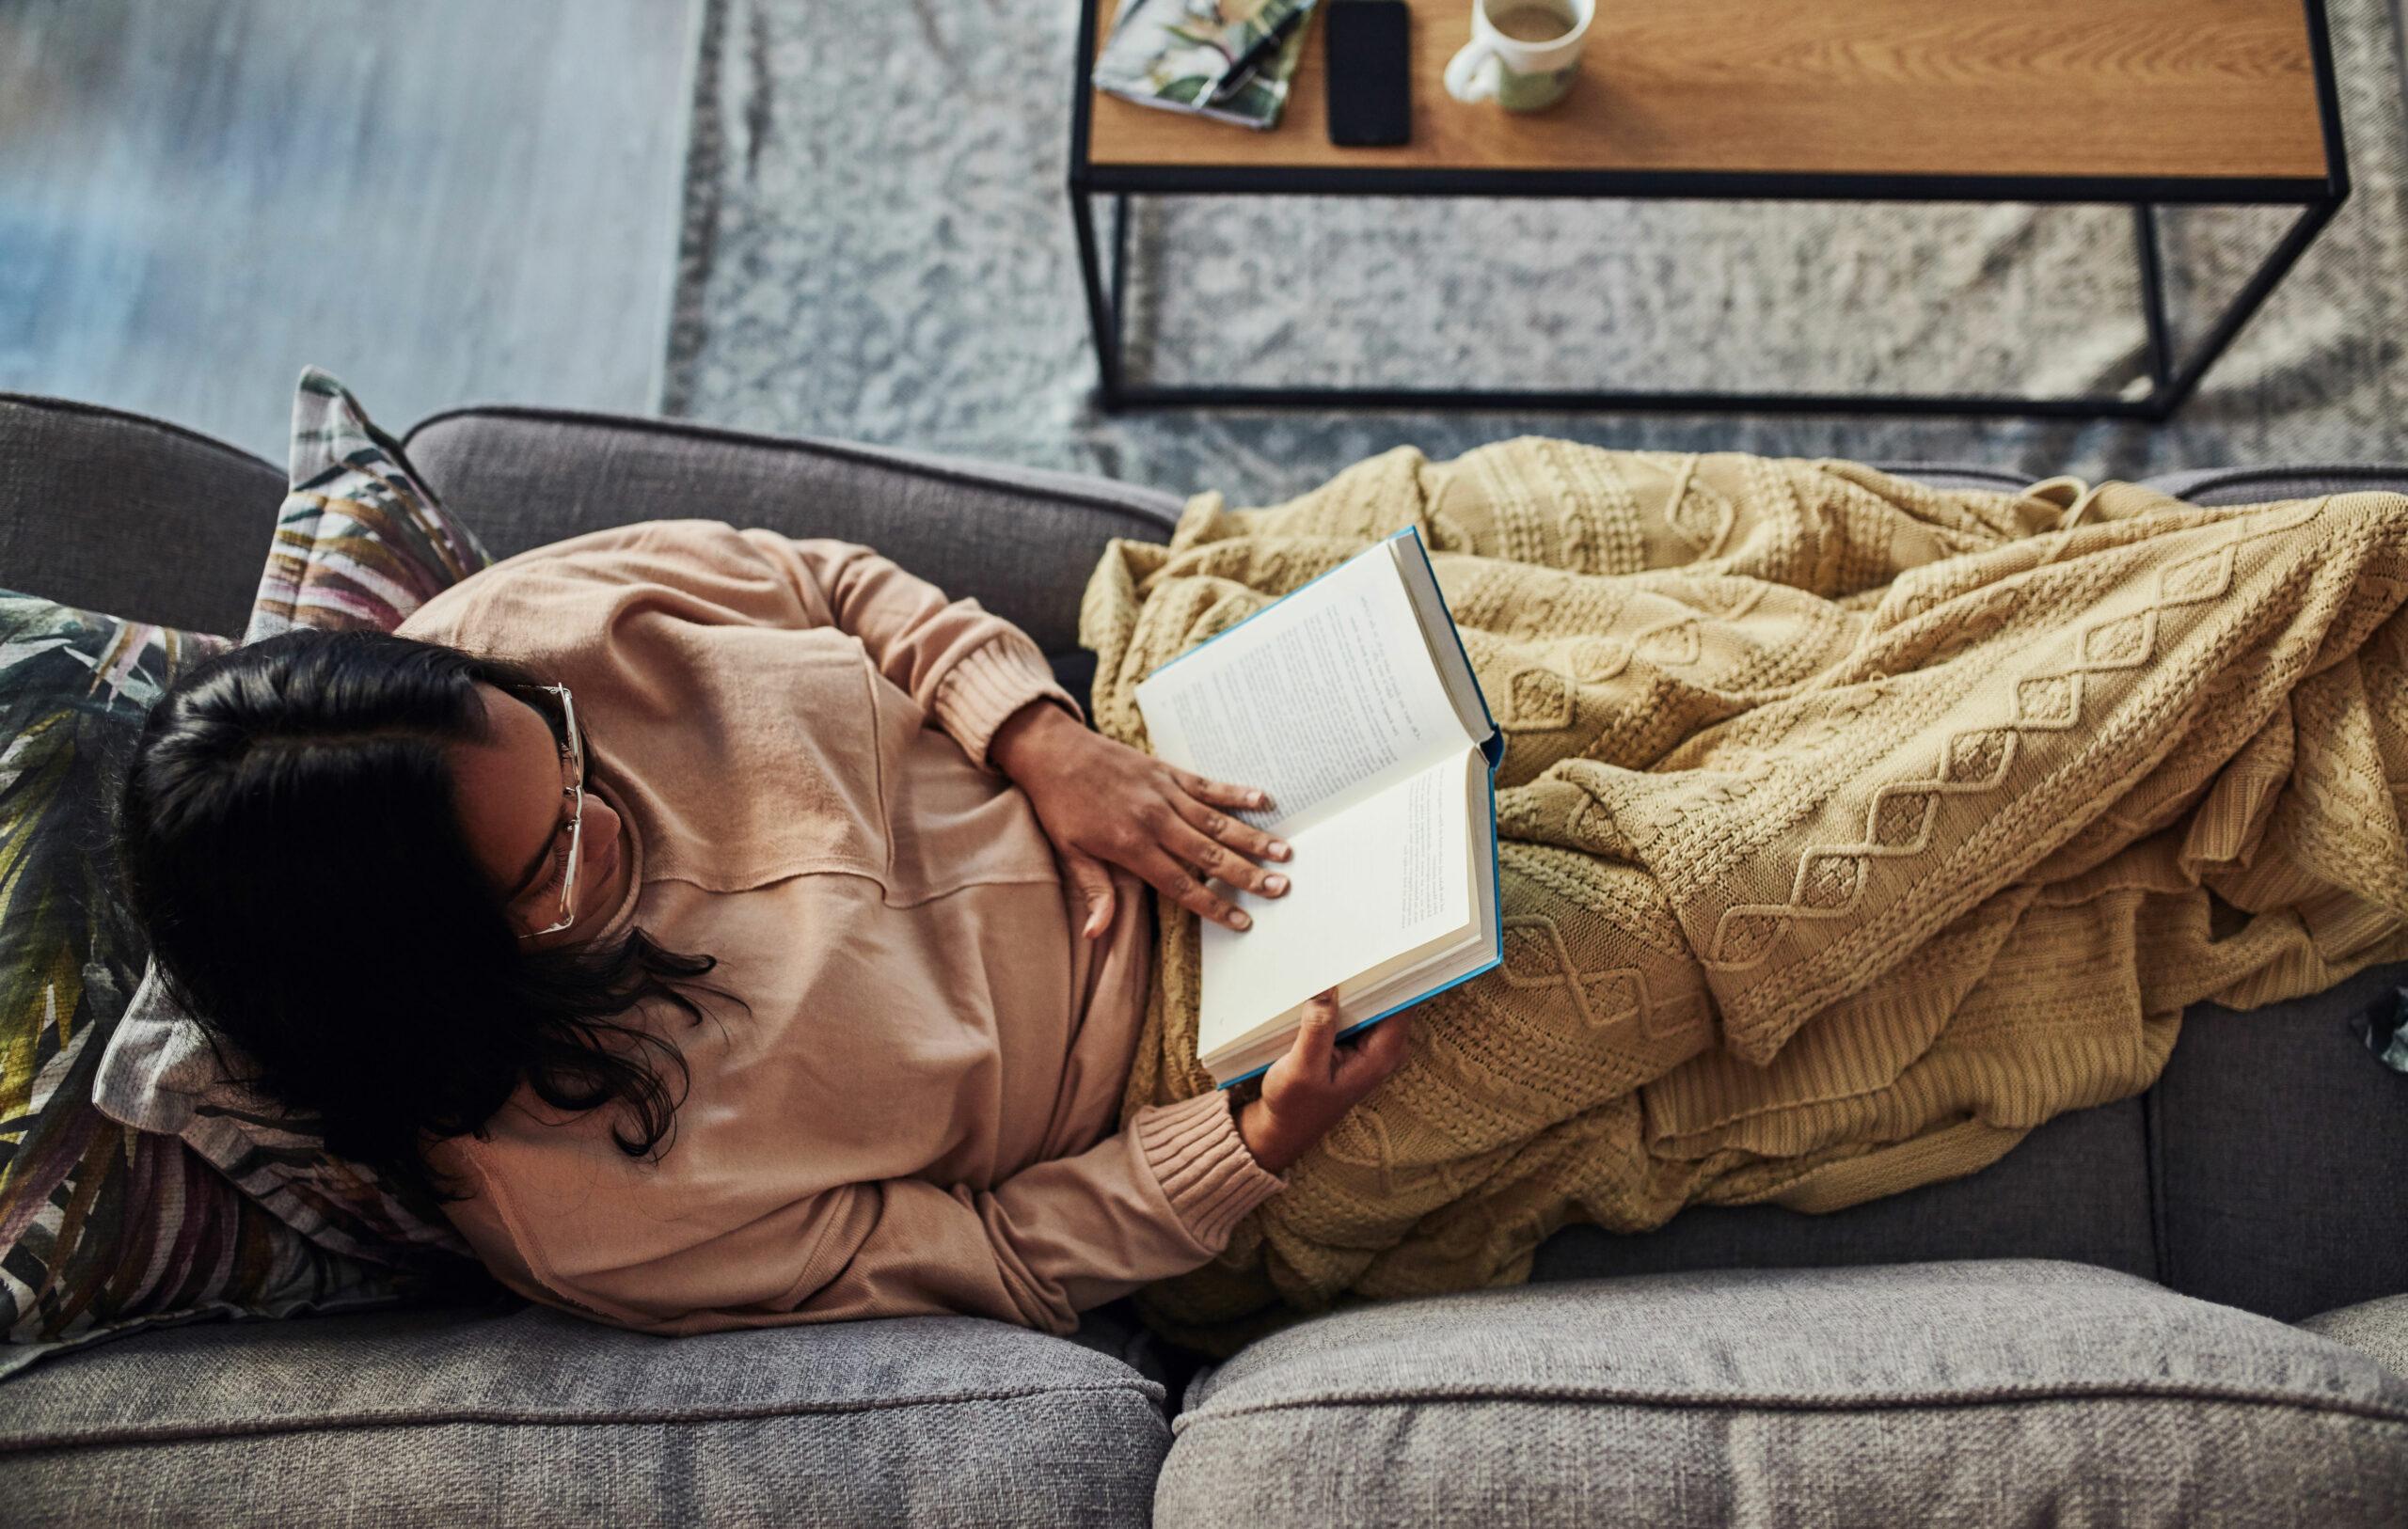 Kirjasarjan lueskelua sohvalla viltin alla maaten.